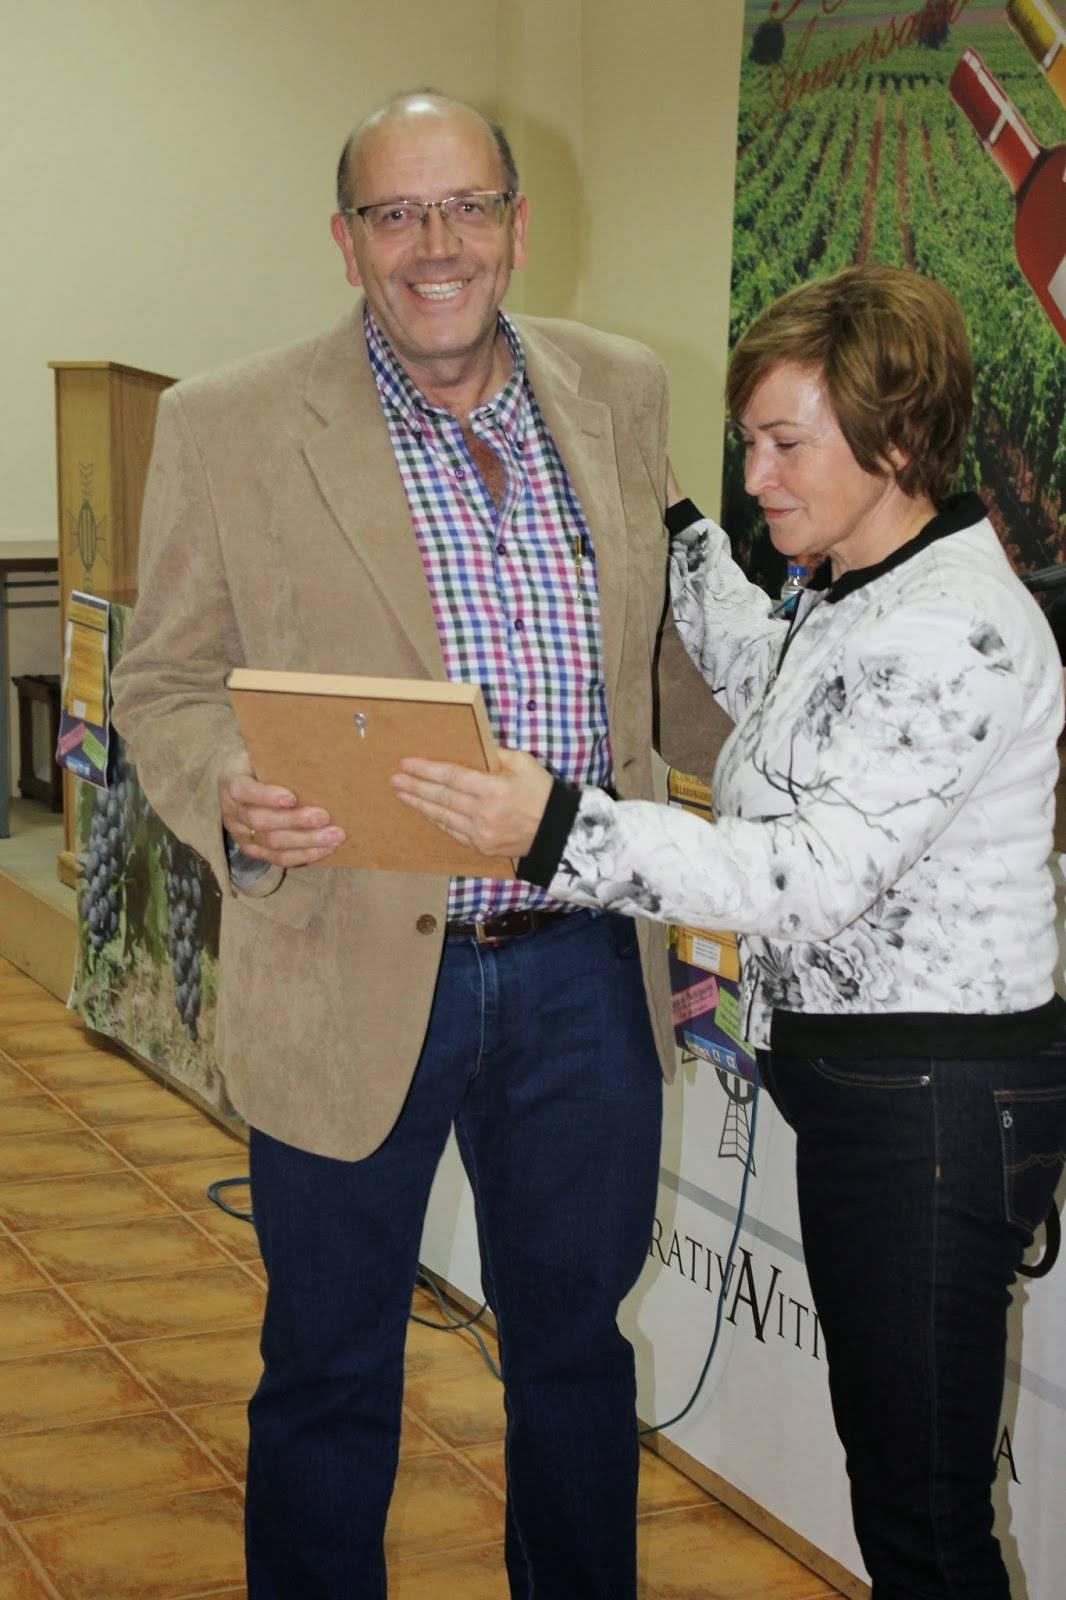 Alfonso Álvarez Ganador en la Categoría de Mistelas. Foto: Asociación de Amigos del Vino de Herencia